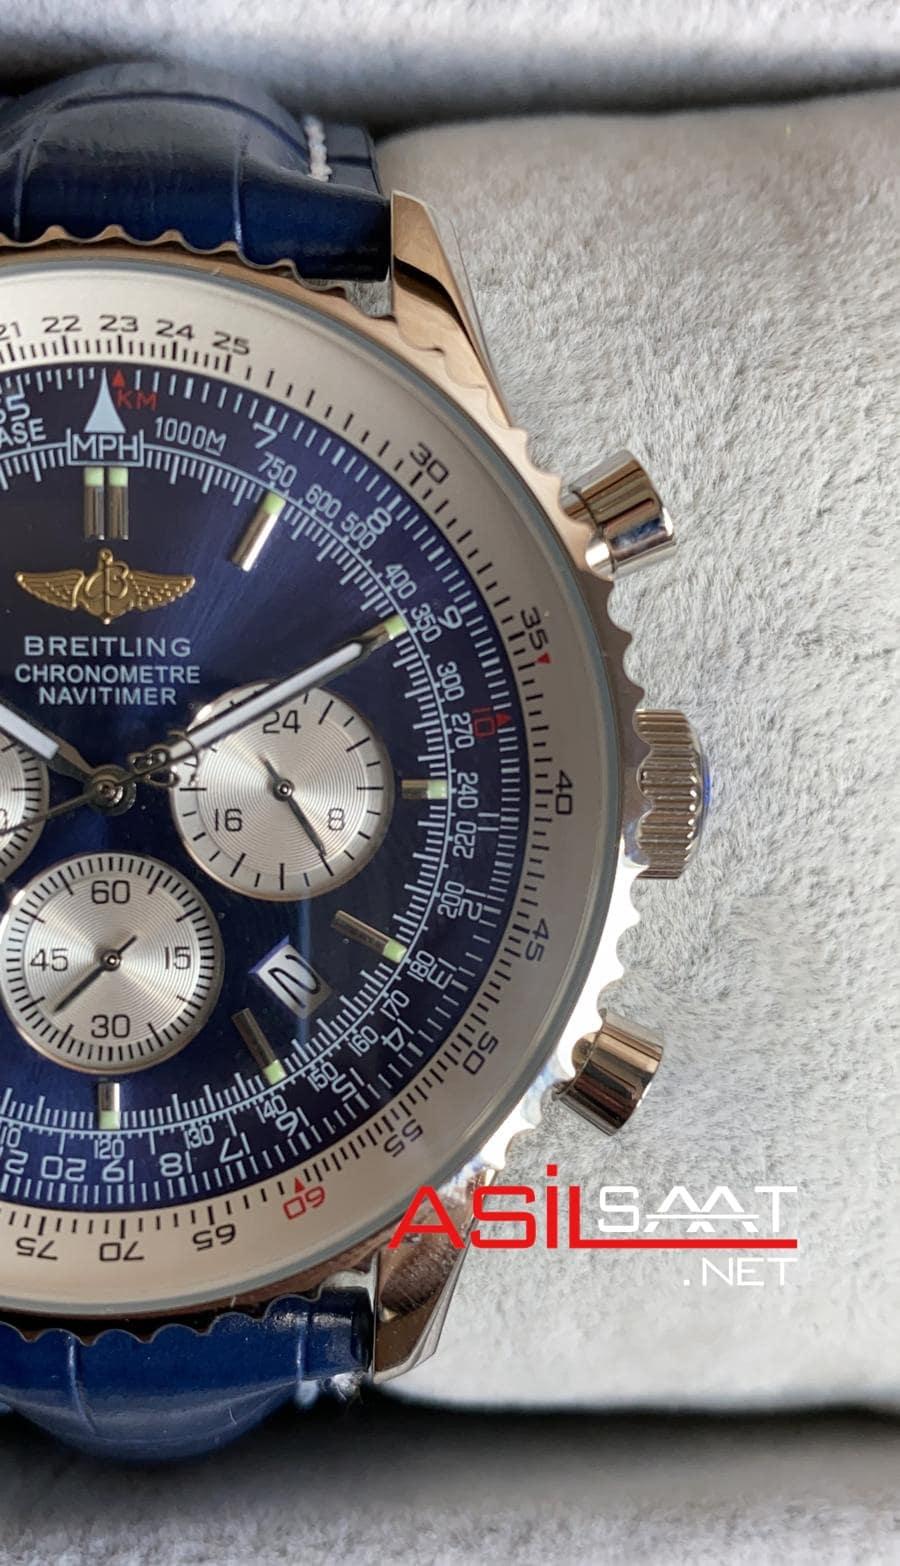 Breitling Navitimer BNAV007